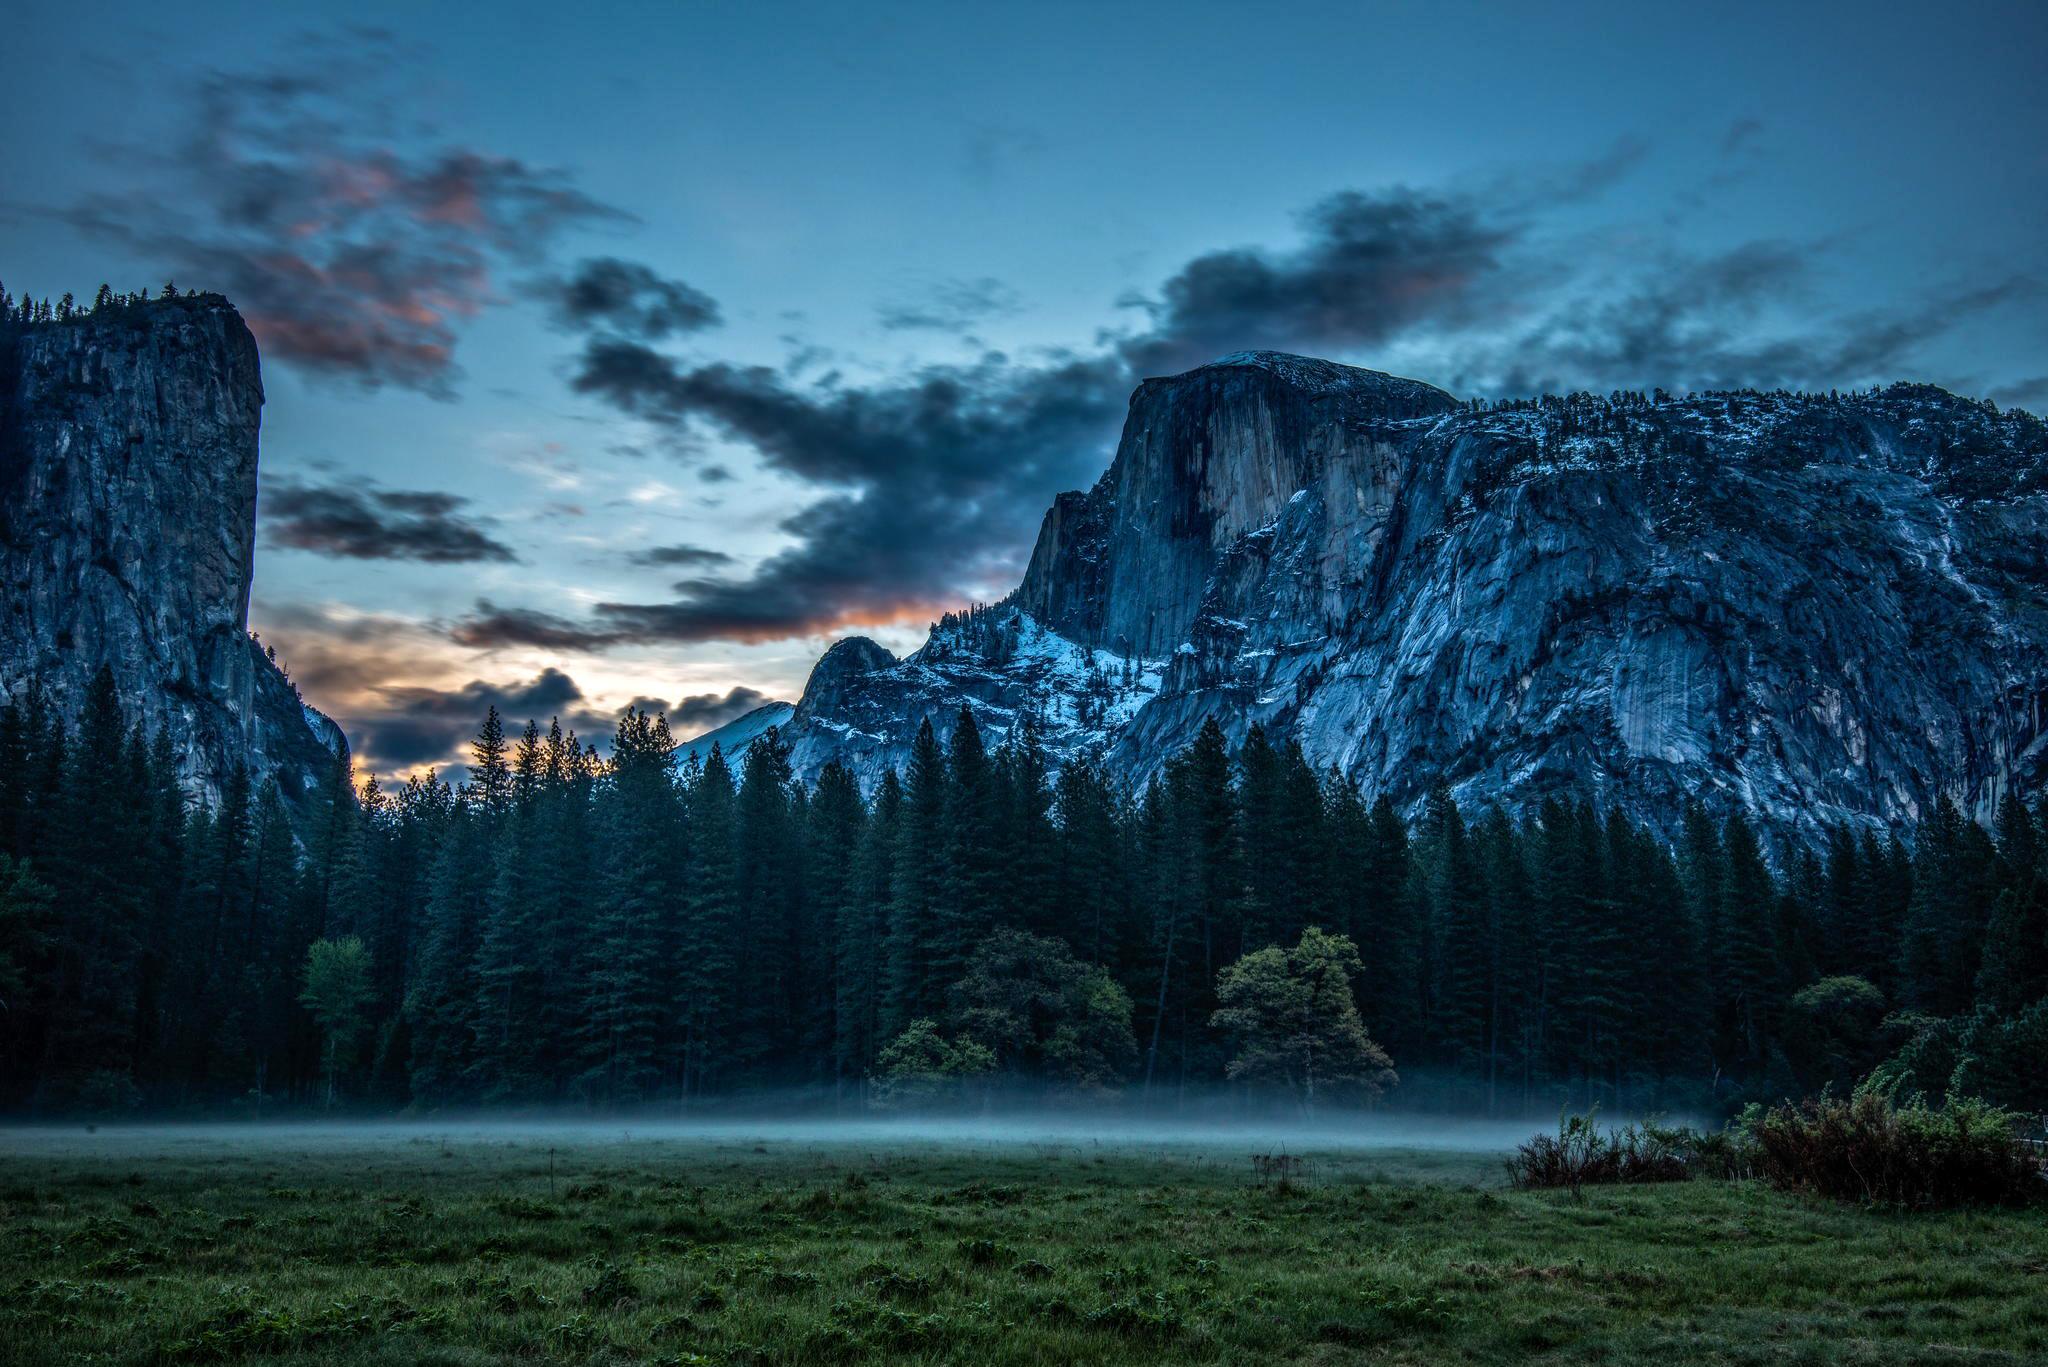 Природа горы скалы лес деревь небо облака  № 2864088 загрузить